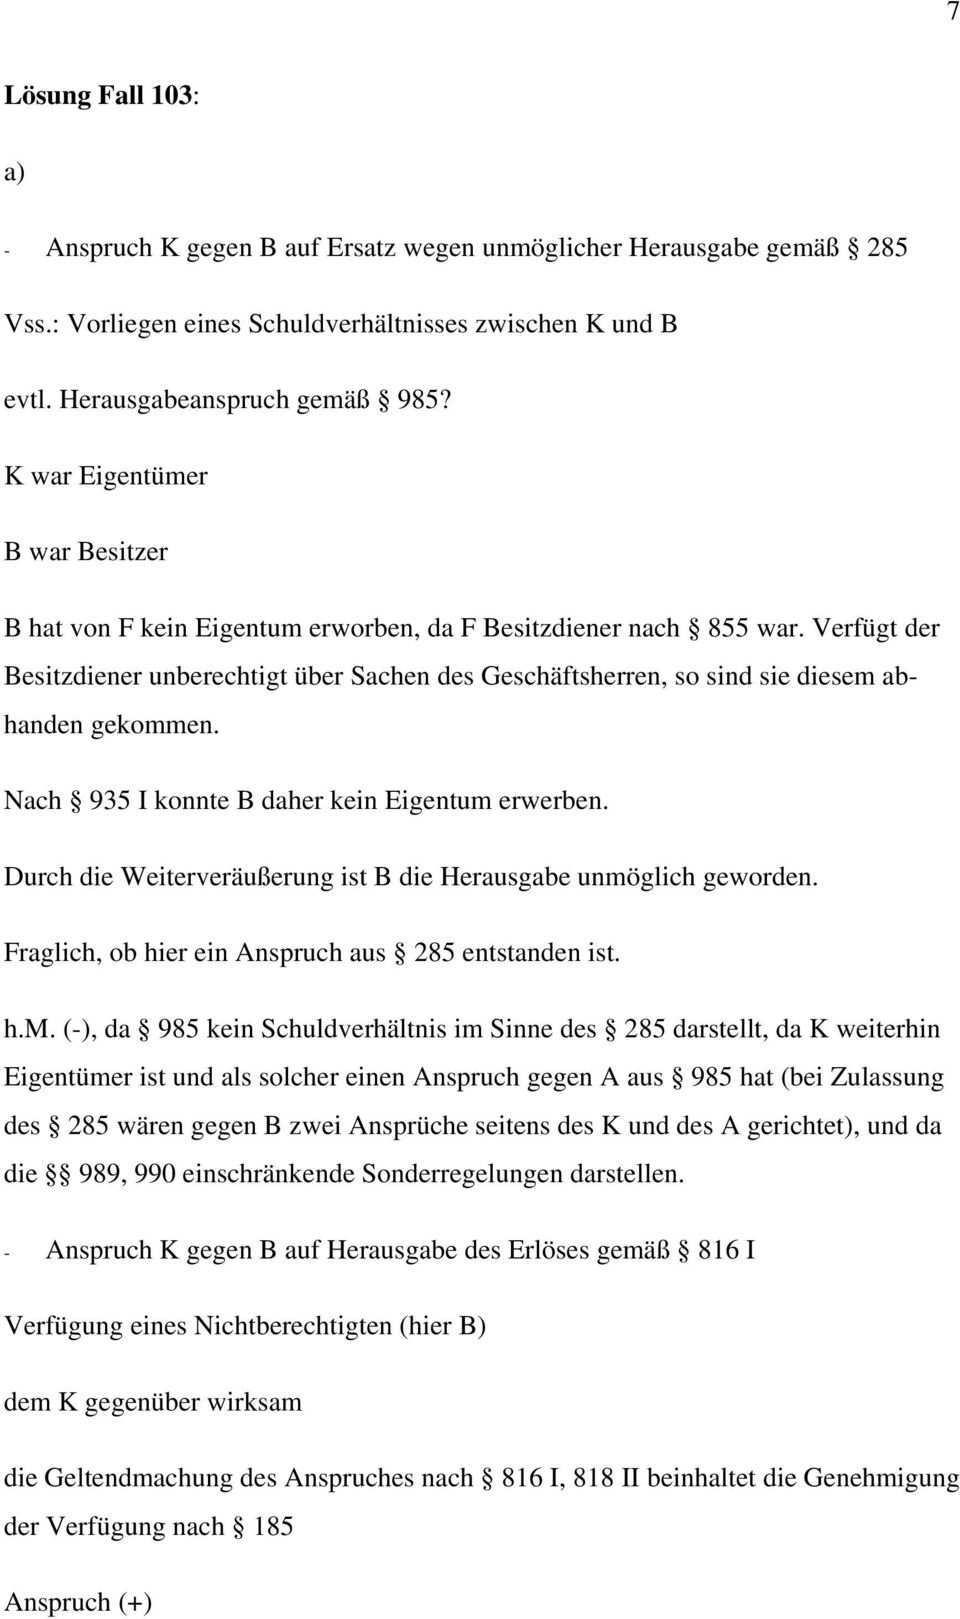 Anspruch Des H Gegen I Auf Herausgabe Gemass Pdf Kostenfreier Download